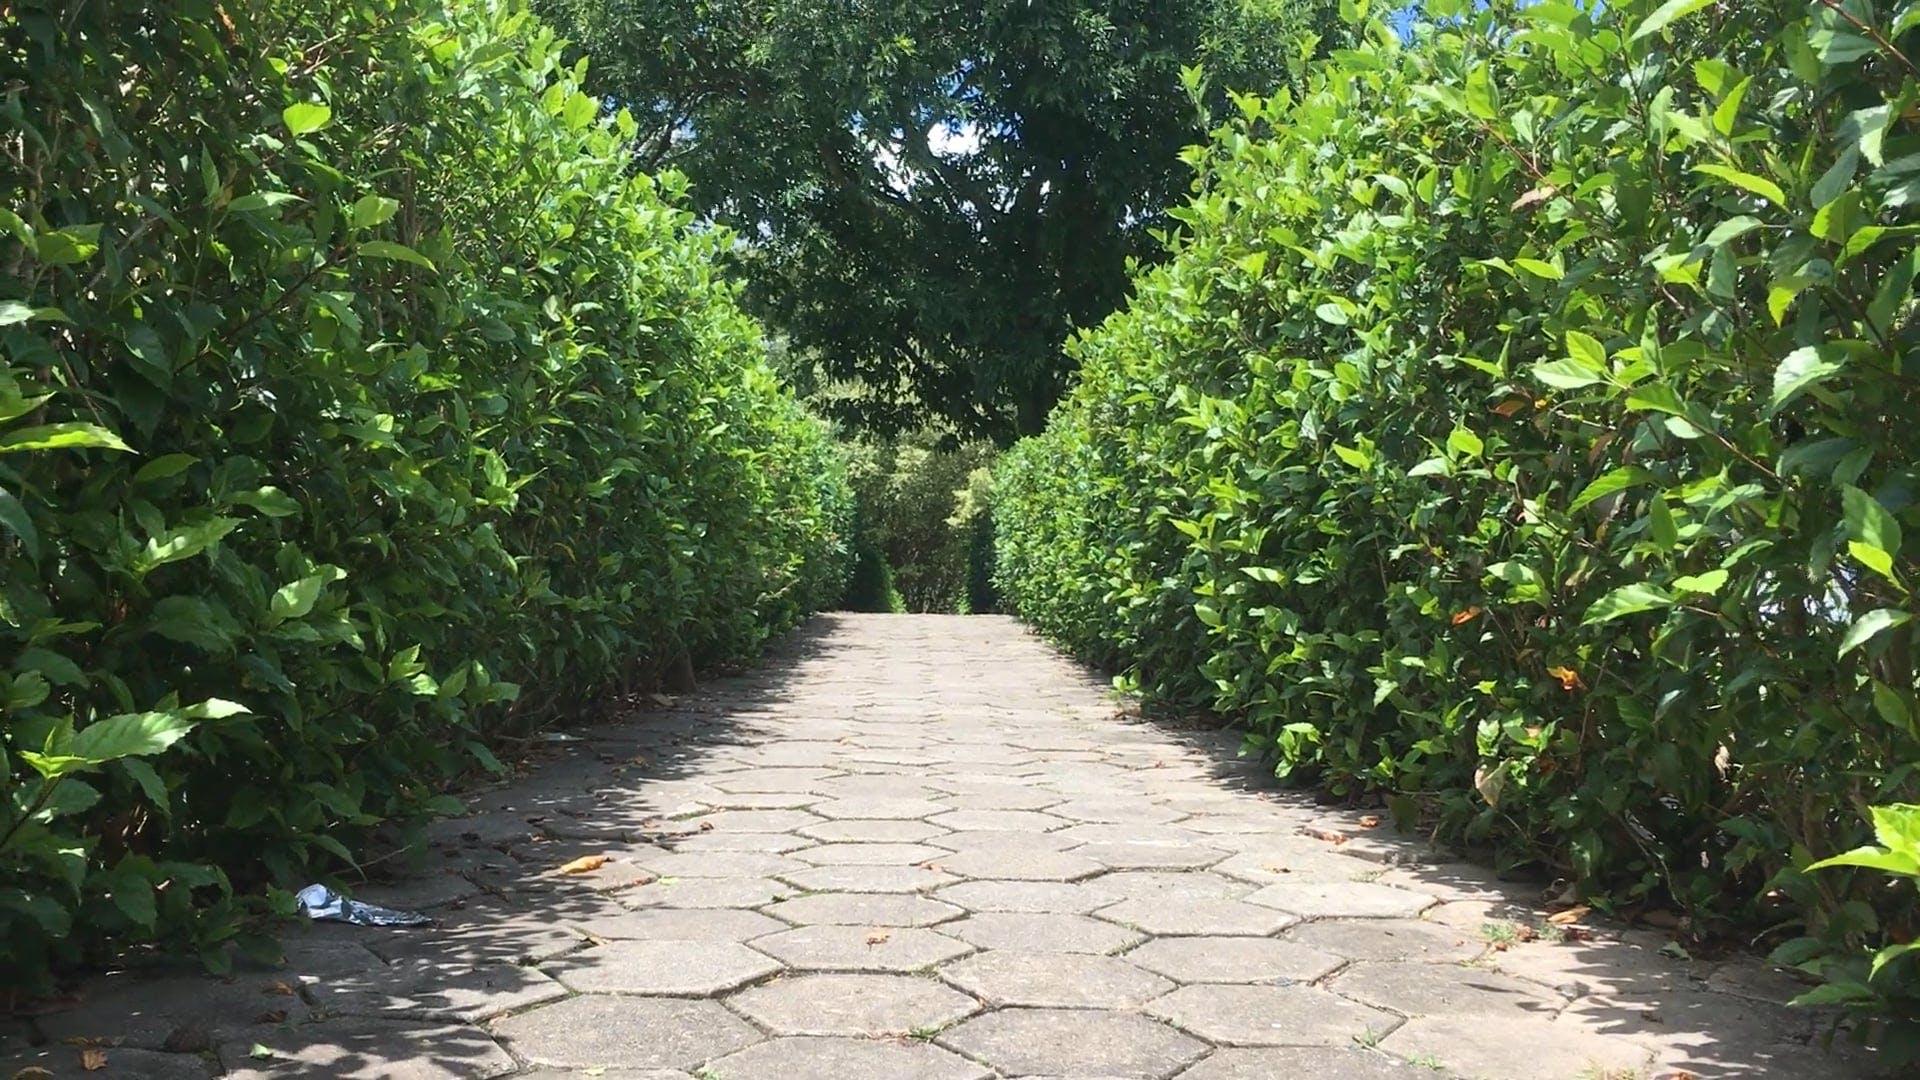 Path In Between Plants